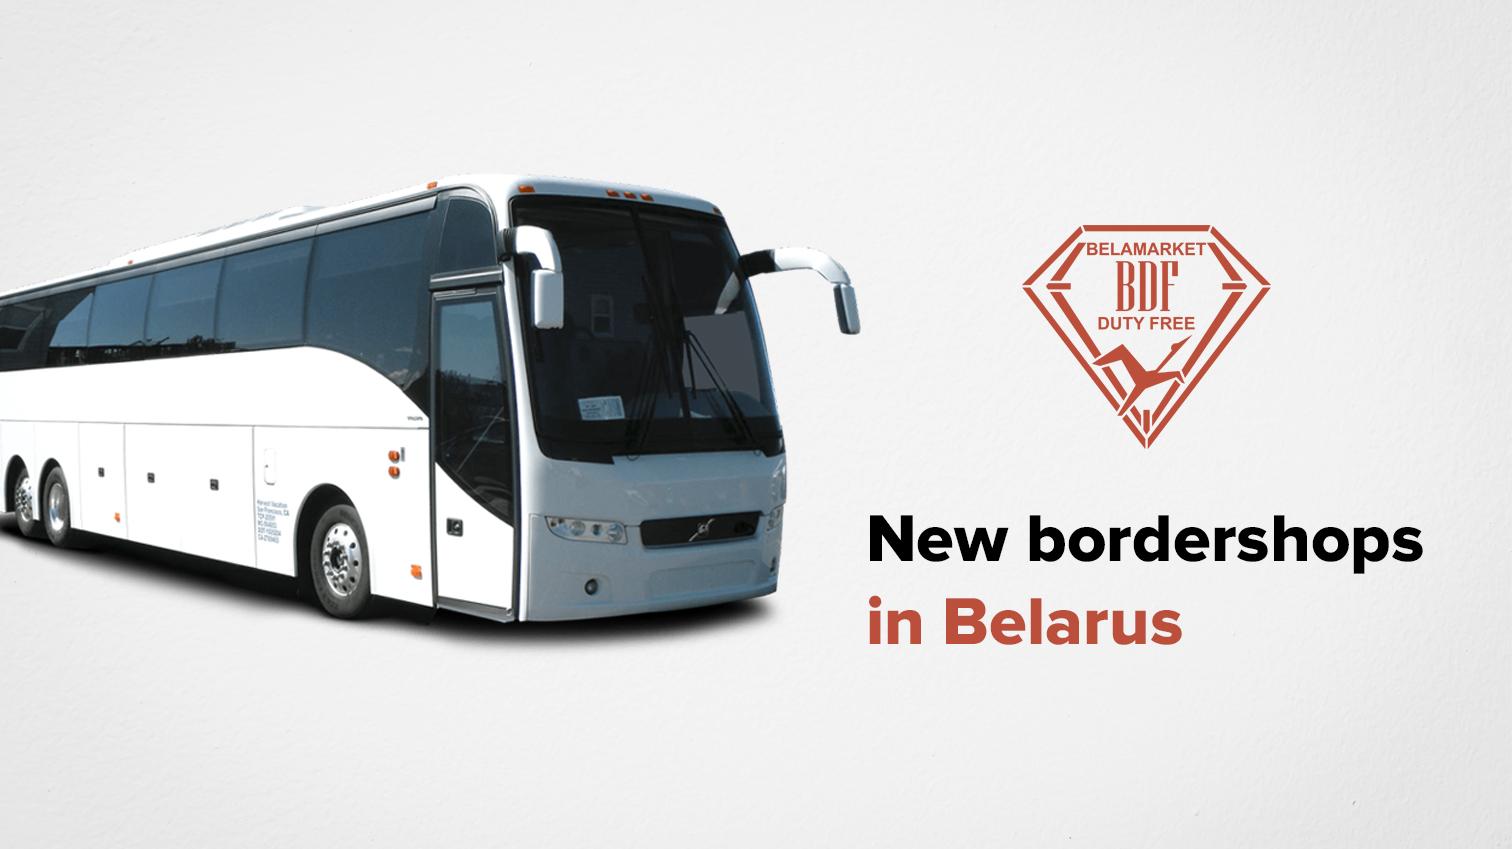 Duty free belarus